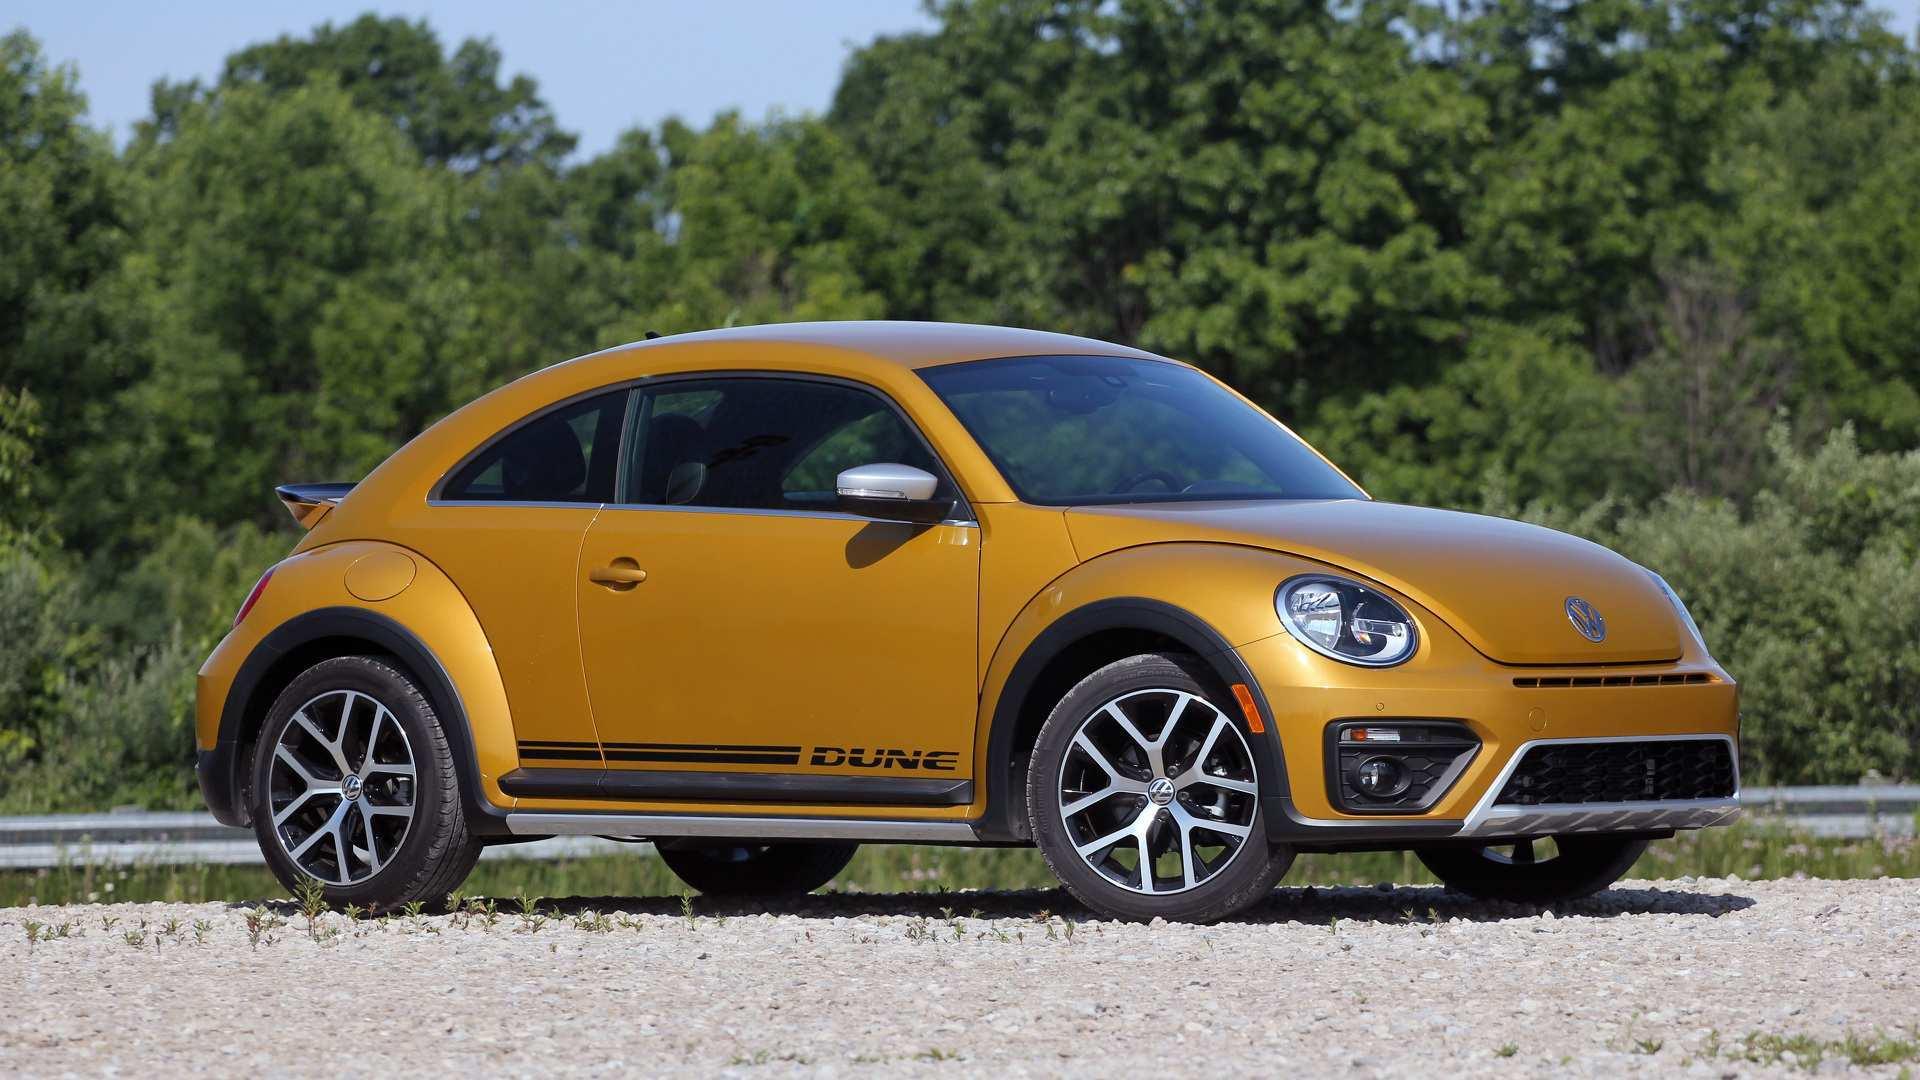 18 Best Review 2020 Volkswagen Beetle New Concept by 2020 Volkswagen Beetle